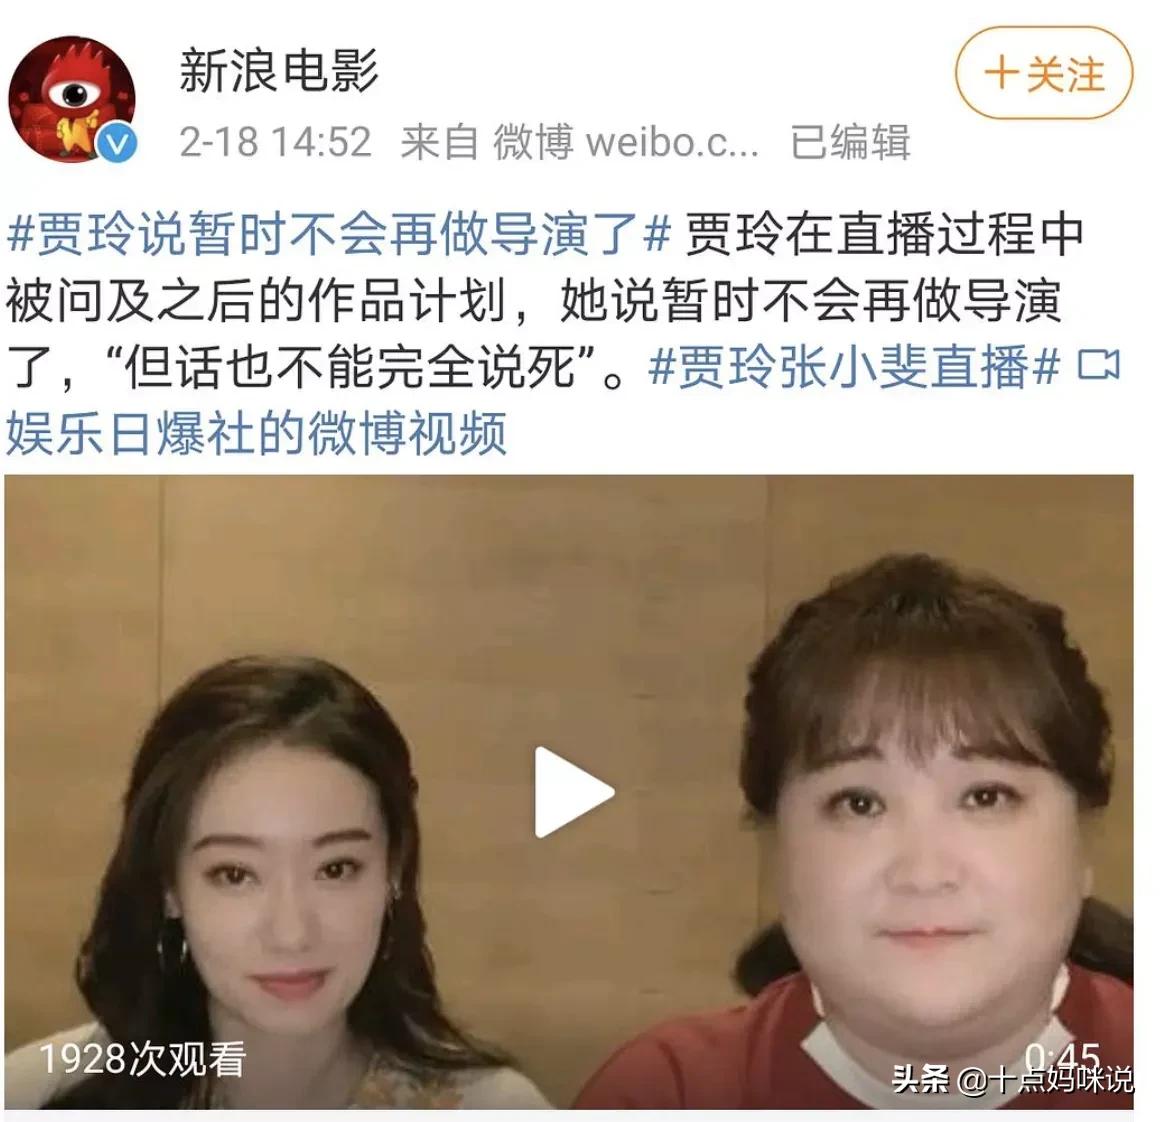 《你好,李焕英》票房破40亿:贾玲逆袭背后,没那么简单?